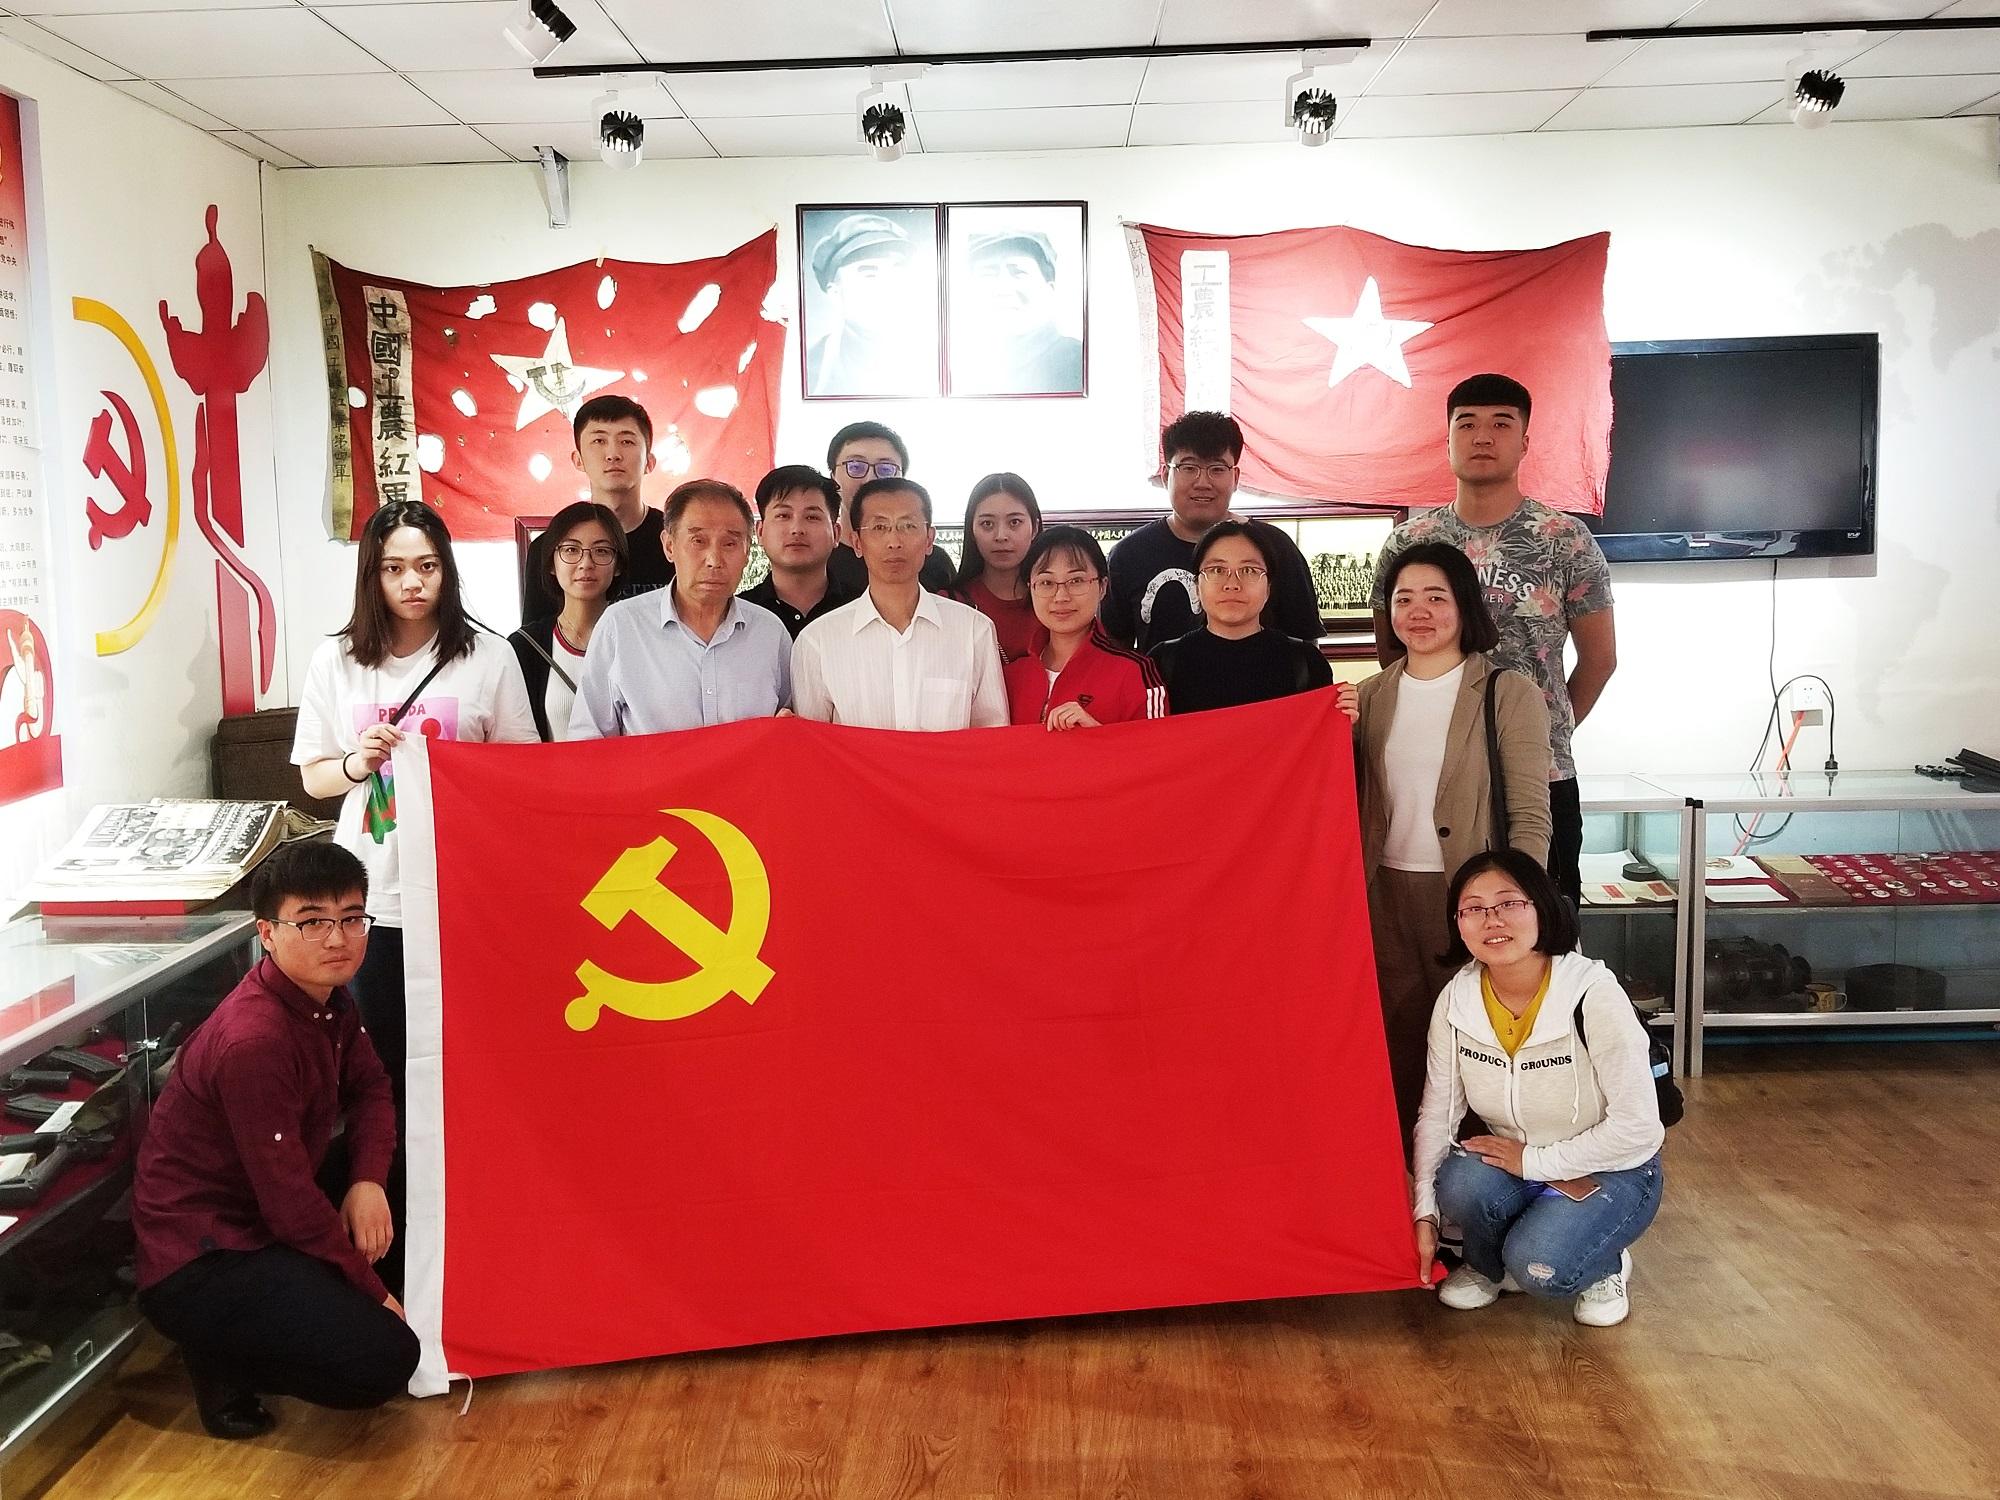 2018.05.18徐恩惠個人國防教育展覽室參觀學習